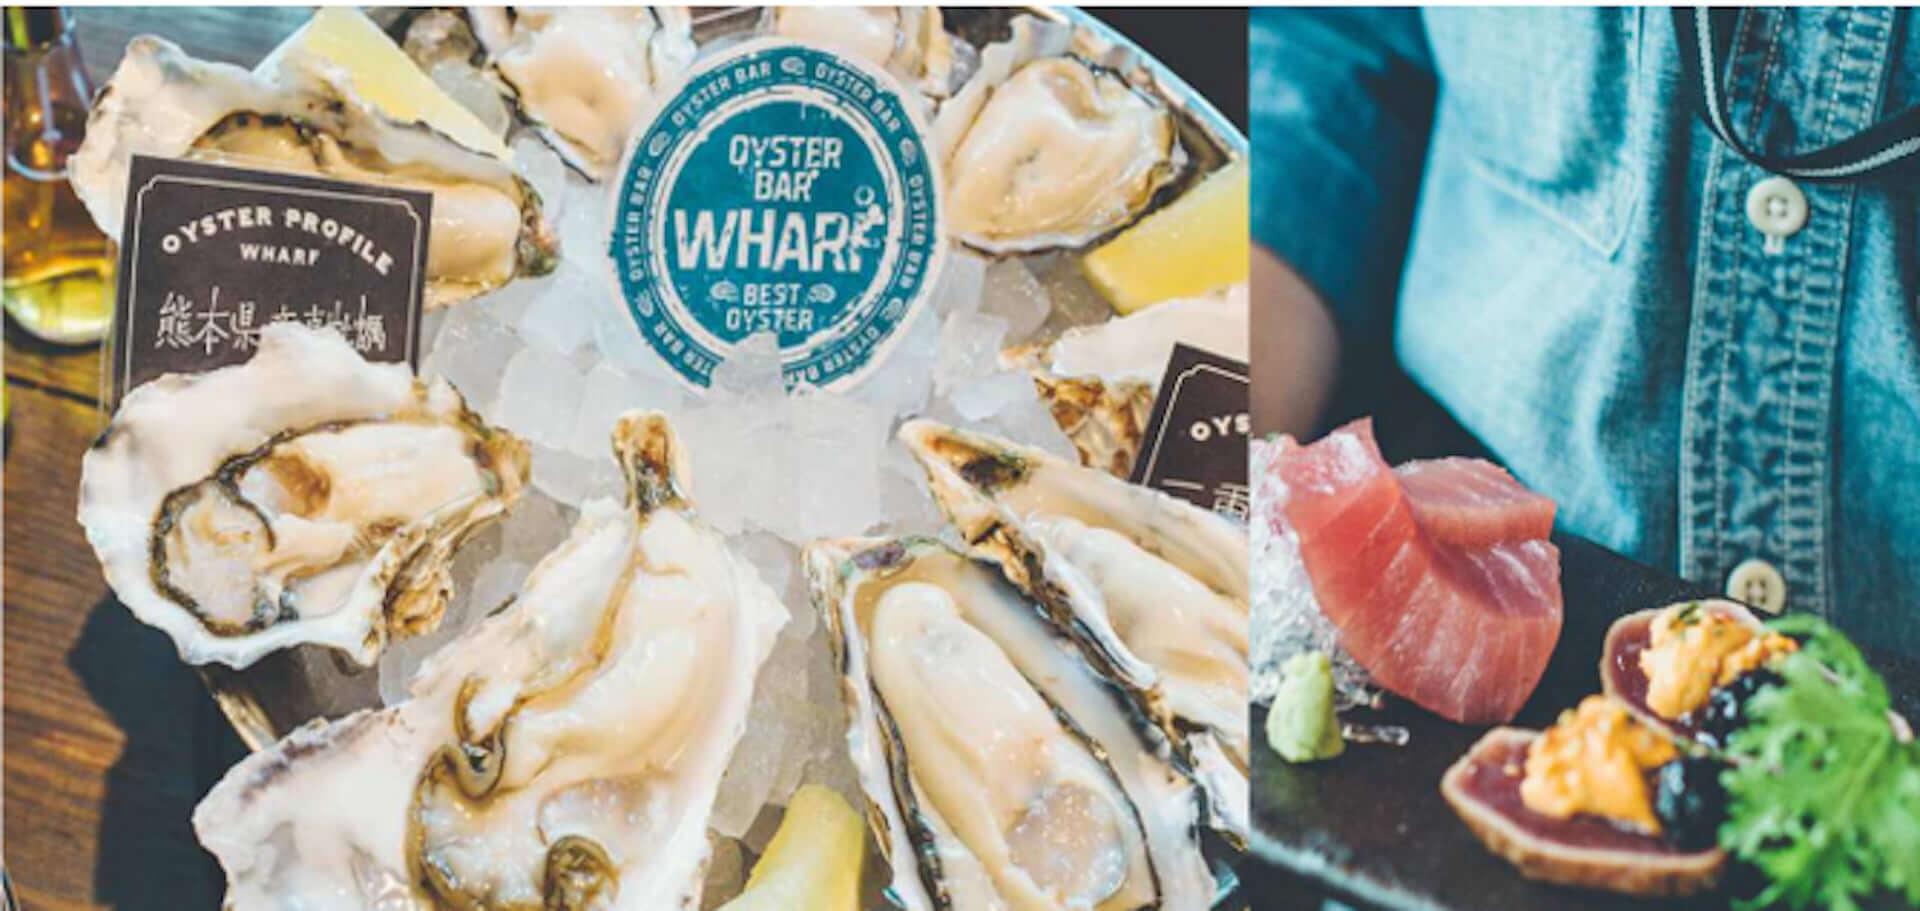 北海道・知内産の生牡蠣を使用した日本初の『生牡蠣フライ』が新宿ワーフで新発売!今月は特別価格で提供 gourmet200818_oyster-bar-wharf_1-1920x911